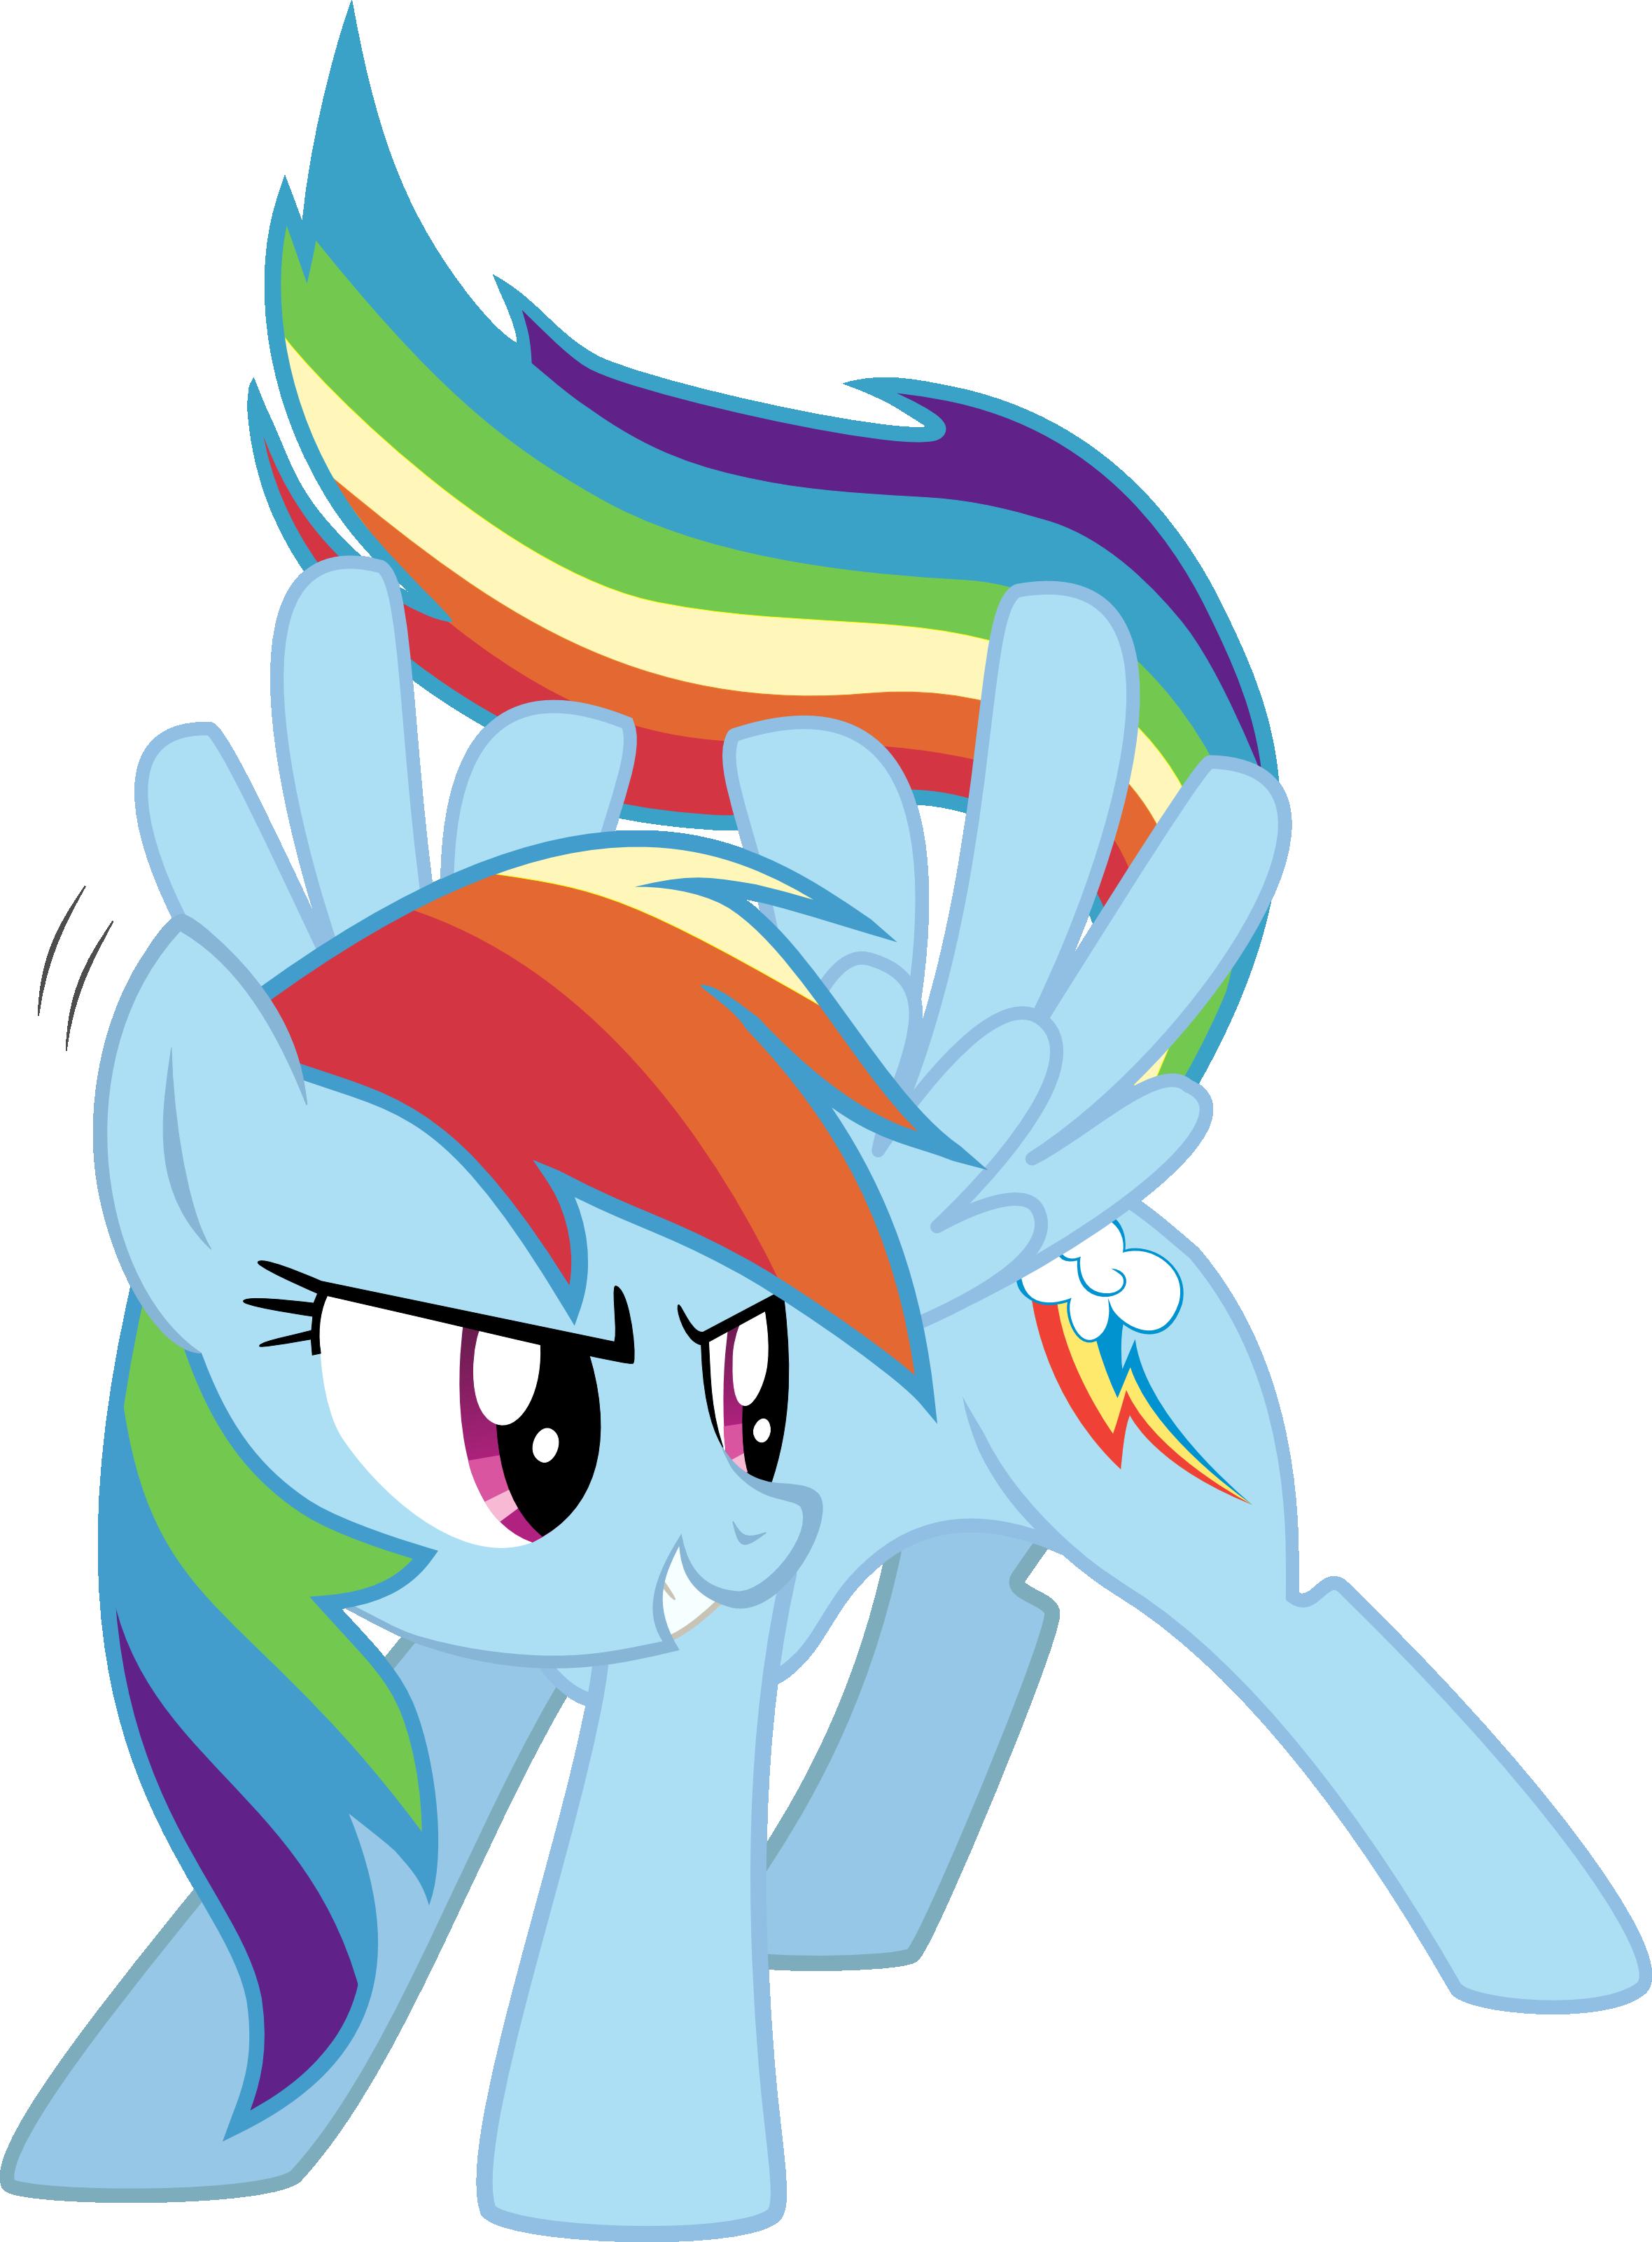 фото рейнбоу дэш пони зара обычно придерживается